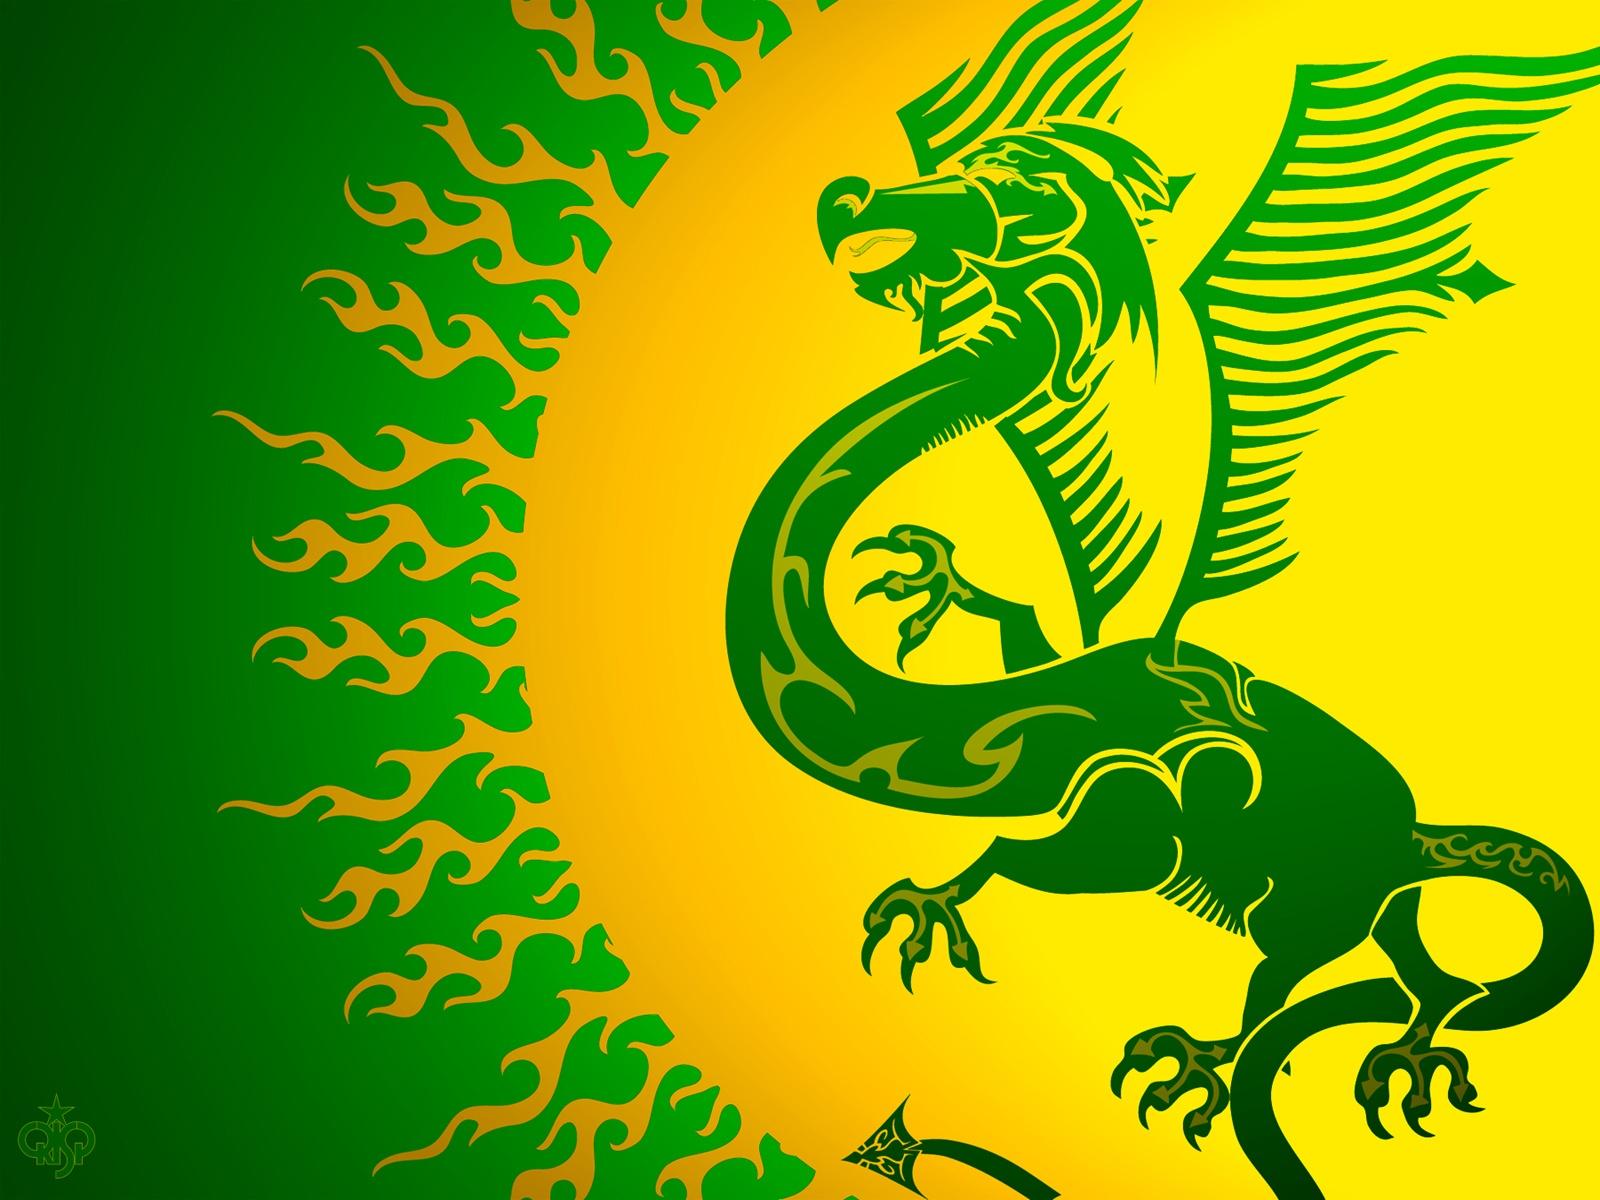 gree dragon wallpaper, зеленый дракон рисунок обои для рабочего стола